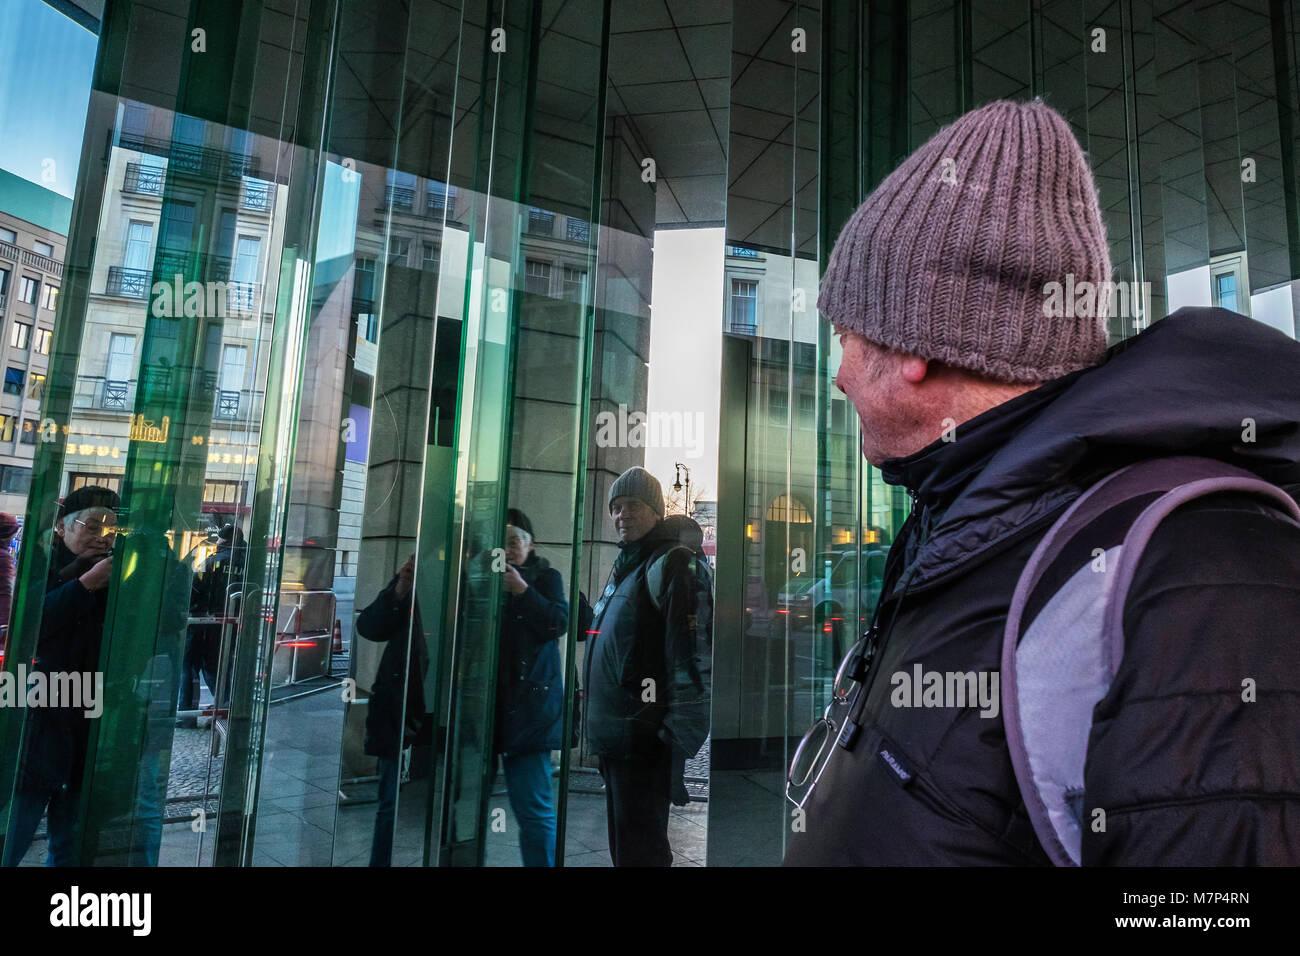 Berlin-Mitte. ältere Touristen Fotos von sich selbst in spiegelnden Gebäude Oberfläche. älterer Stockbild